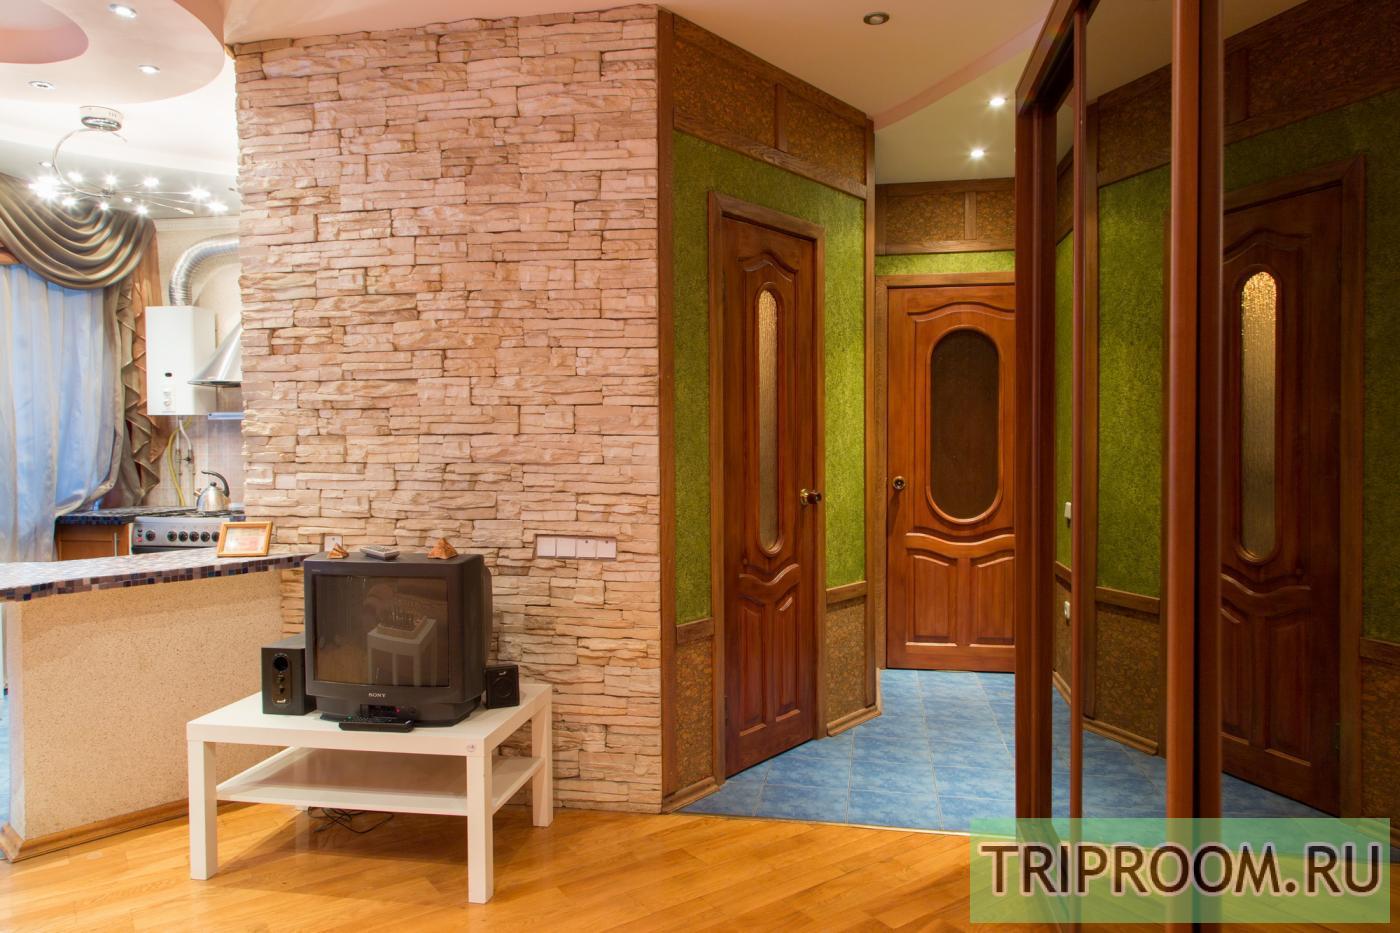 1-комнатная квартира посуточно (вариант № 4852), ул. Средне-Московская улица, фото № 2